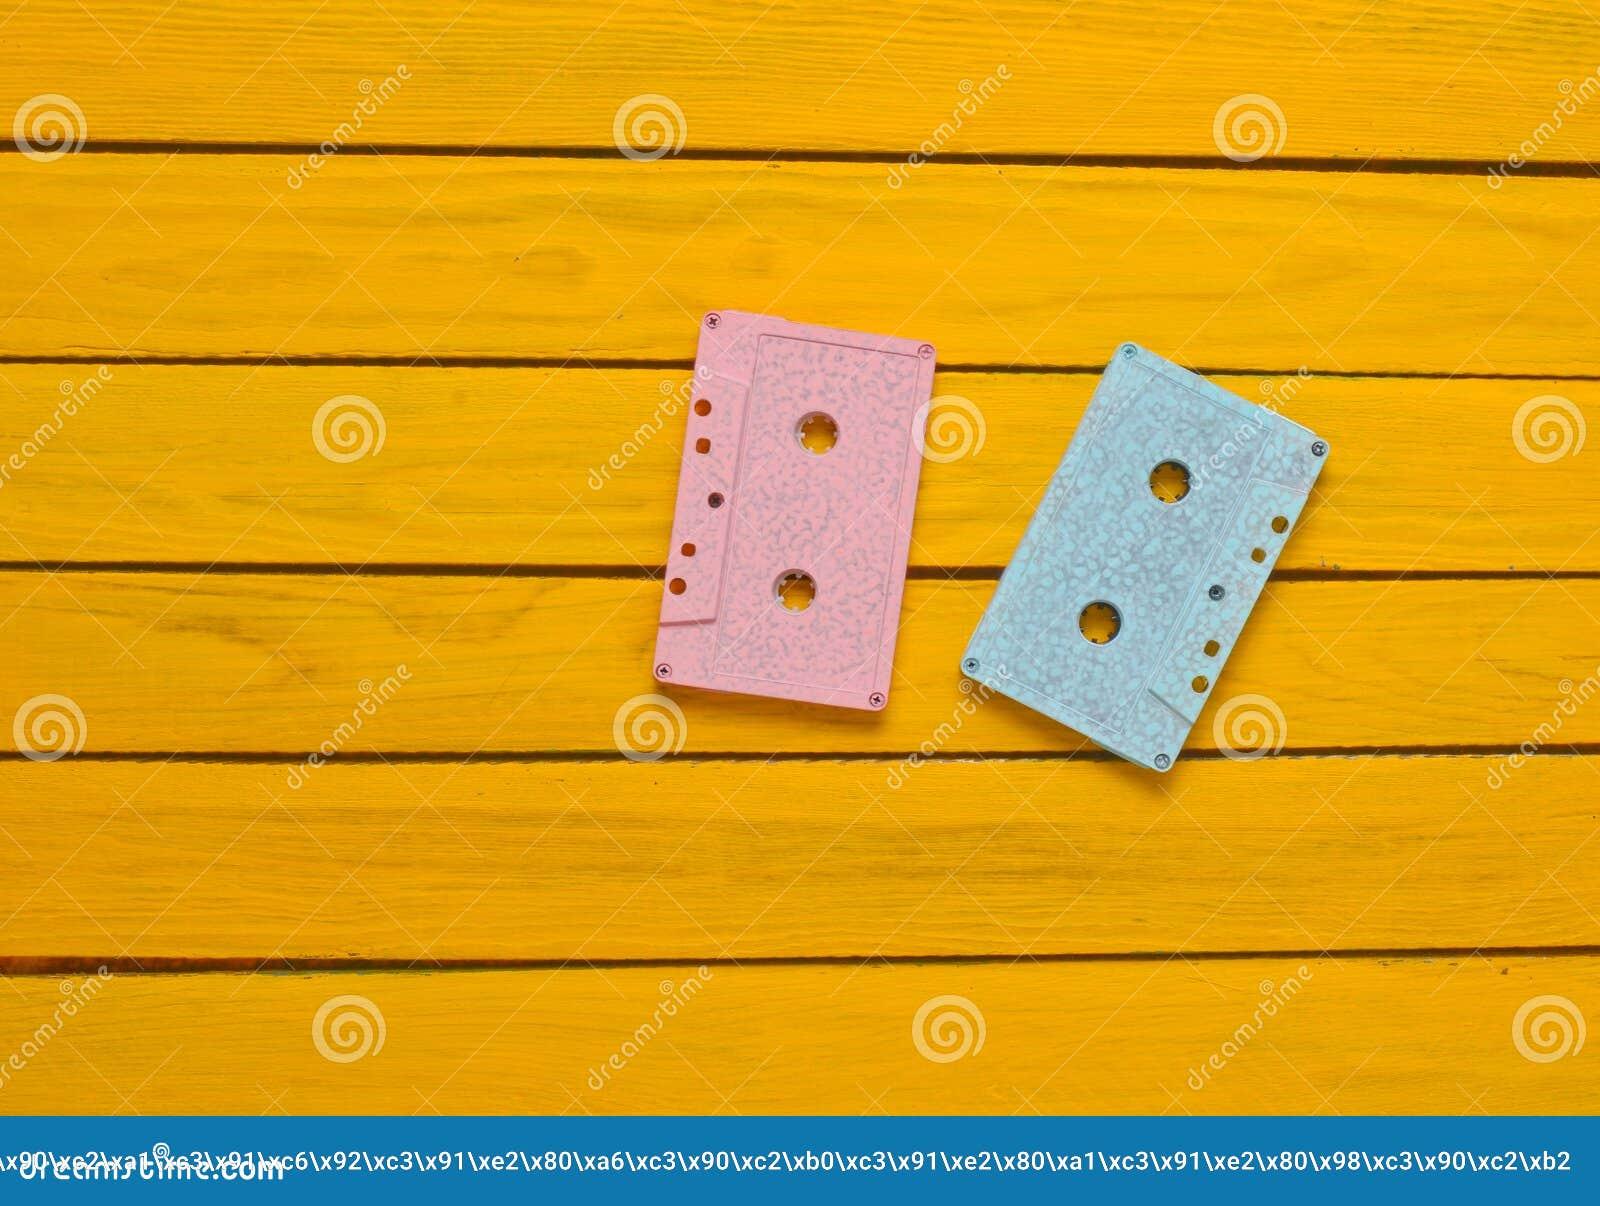 Peint Dans Une Cassette Sonore Bleue Rose De Couleur En Pastel Sur